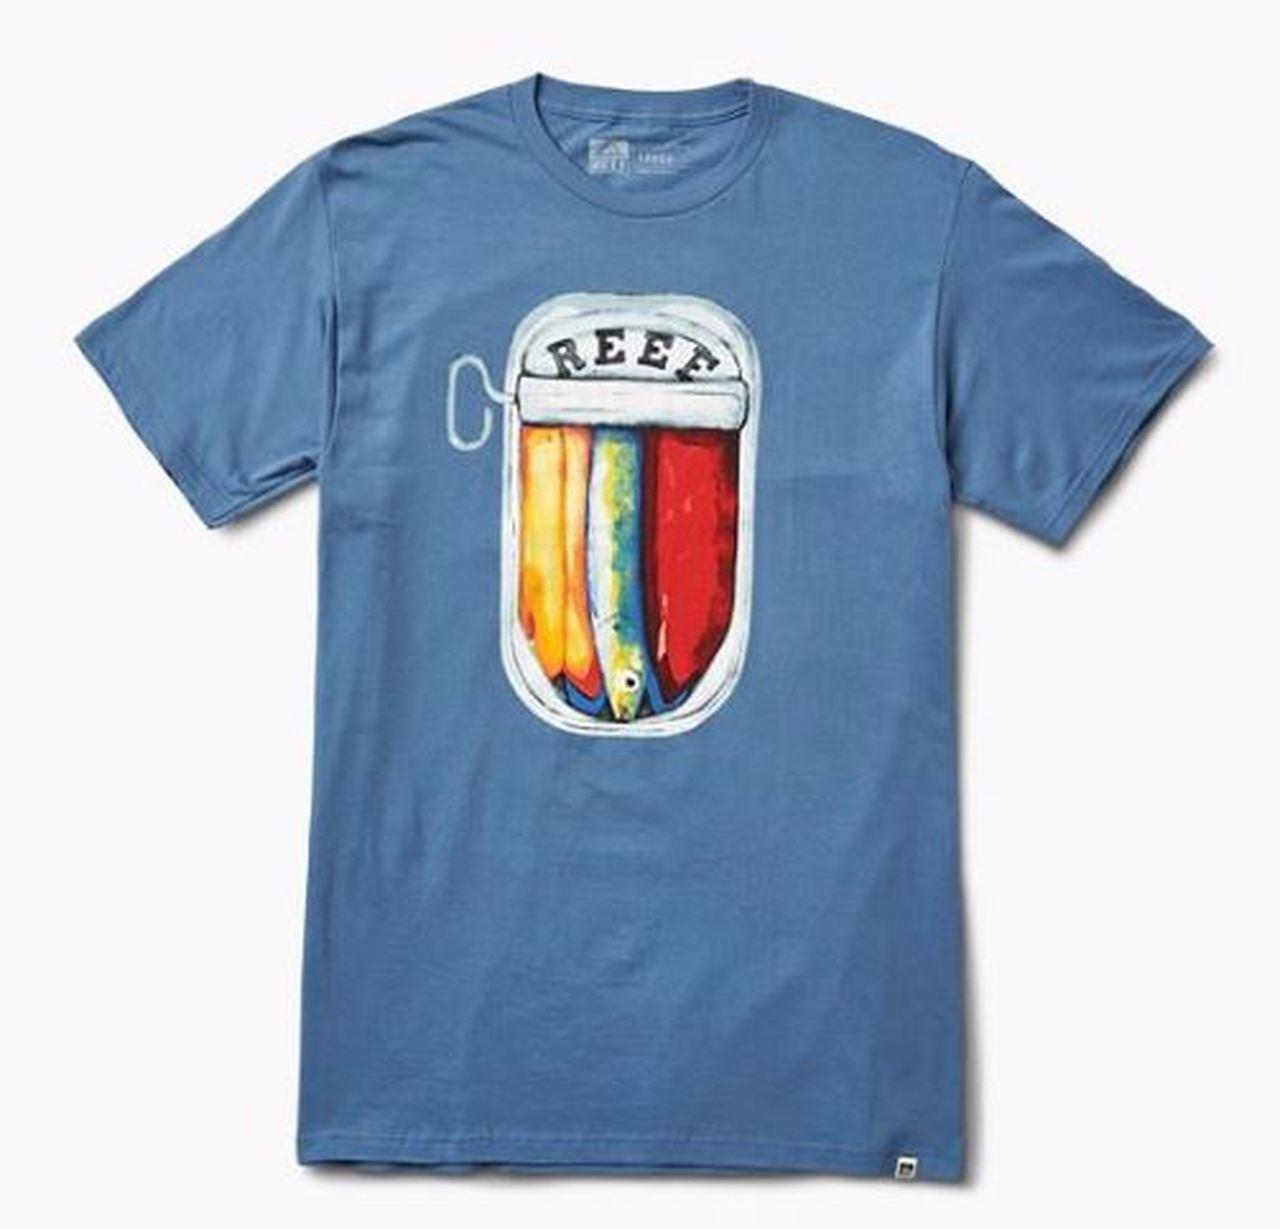 Reef Fish Tshirt